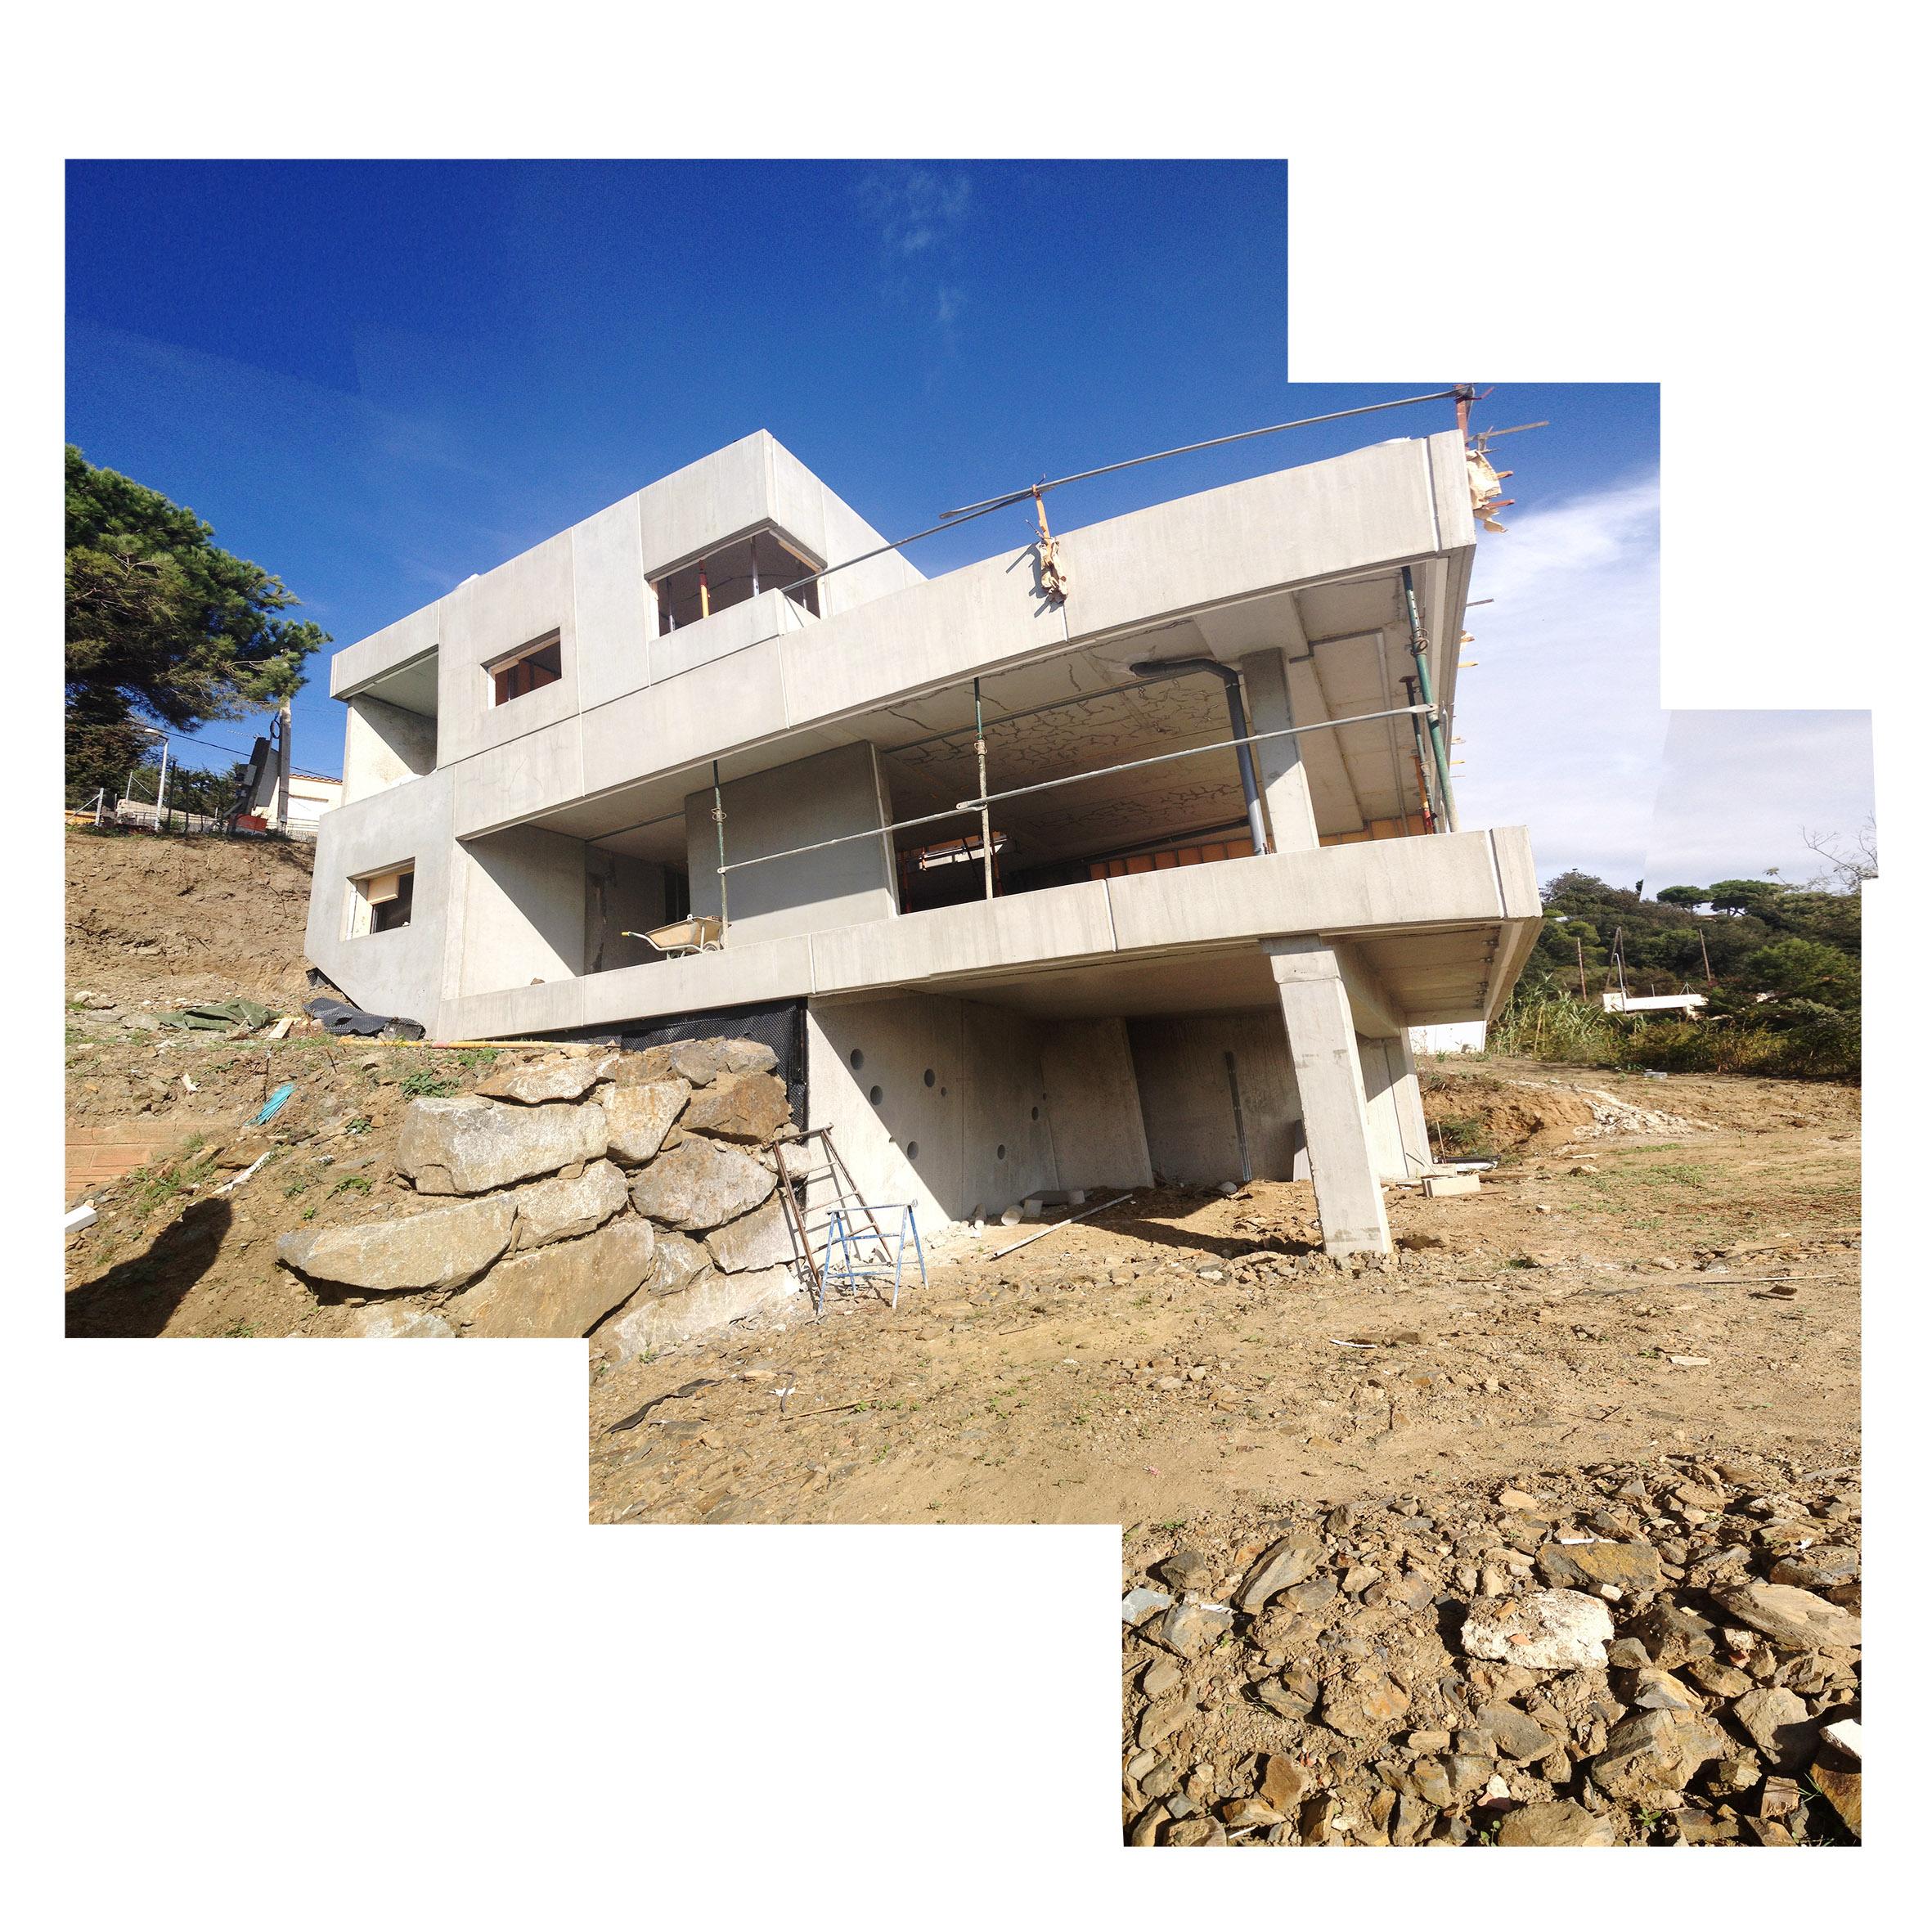 Casa prefabricada en barcelona proyectos construcci n - Casas prefabricadas barcelona ...